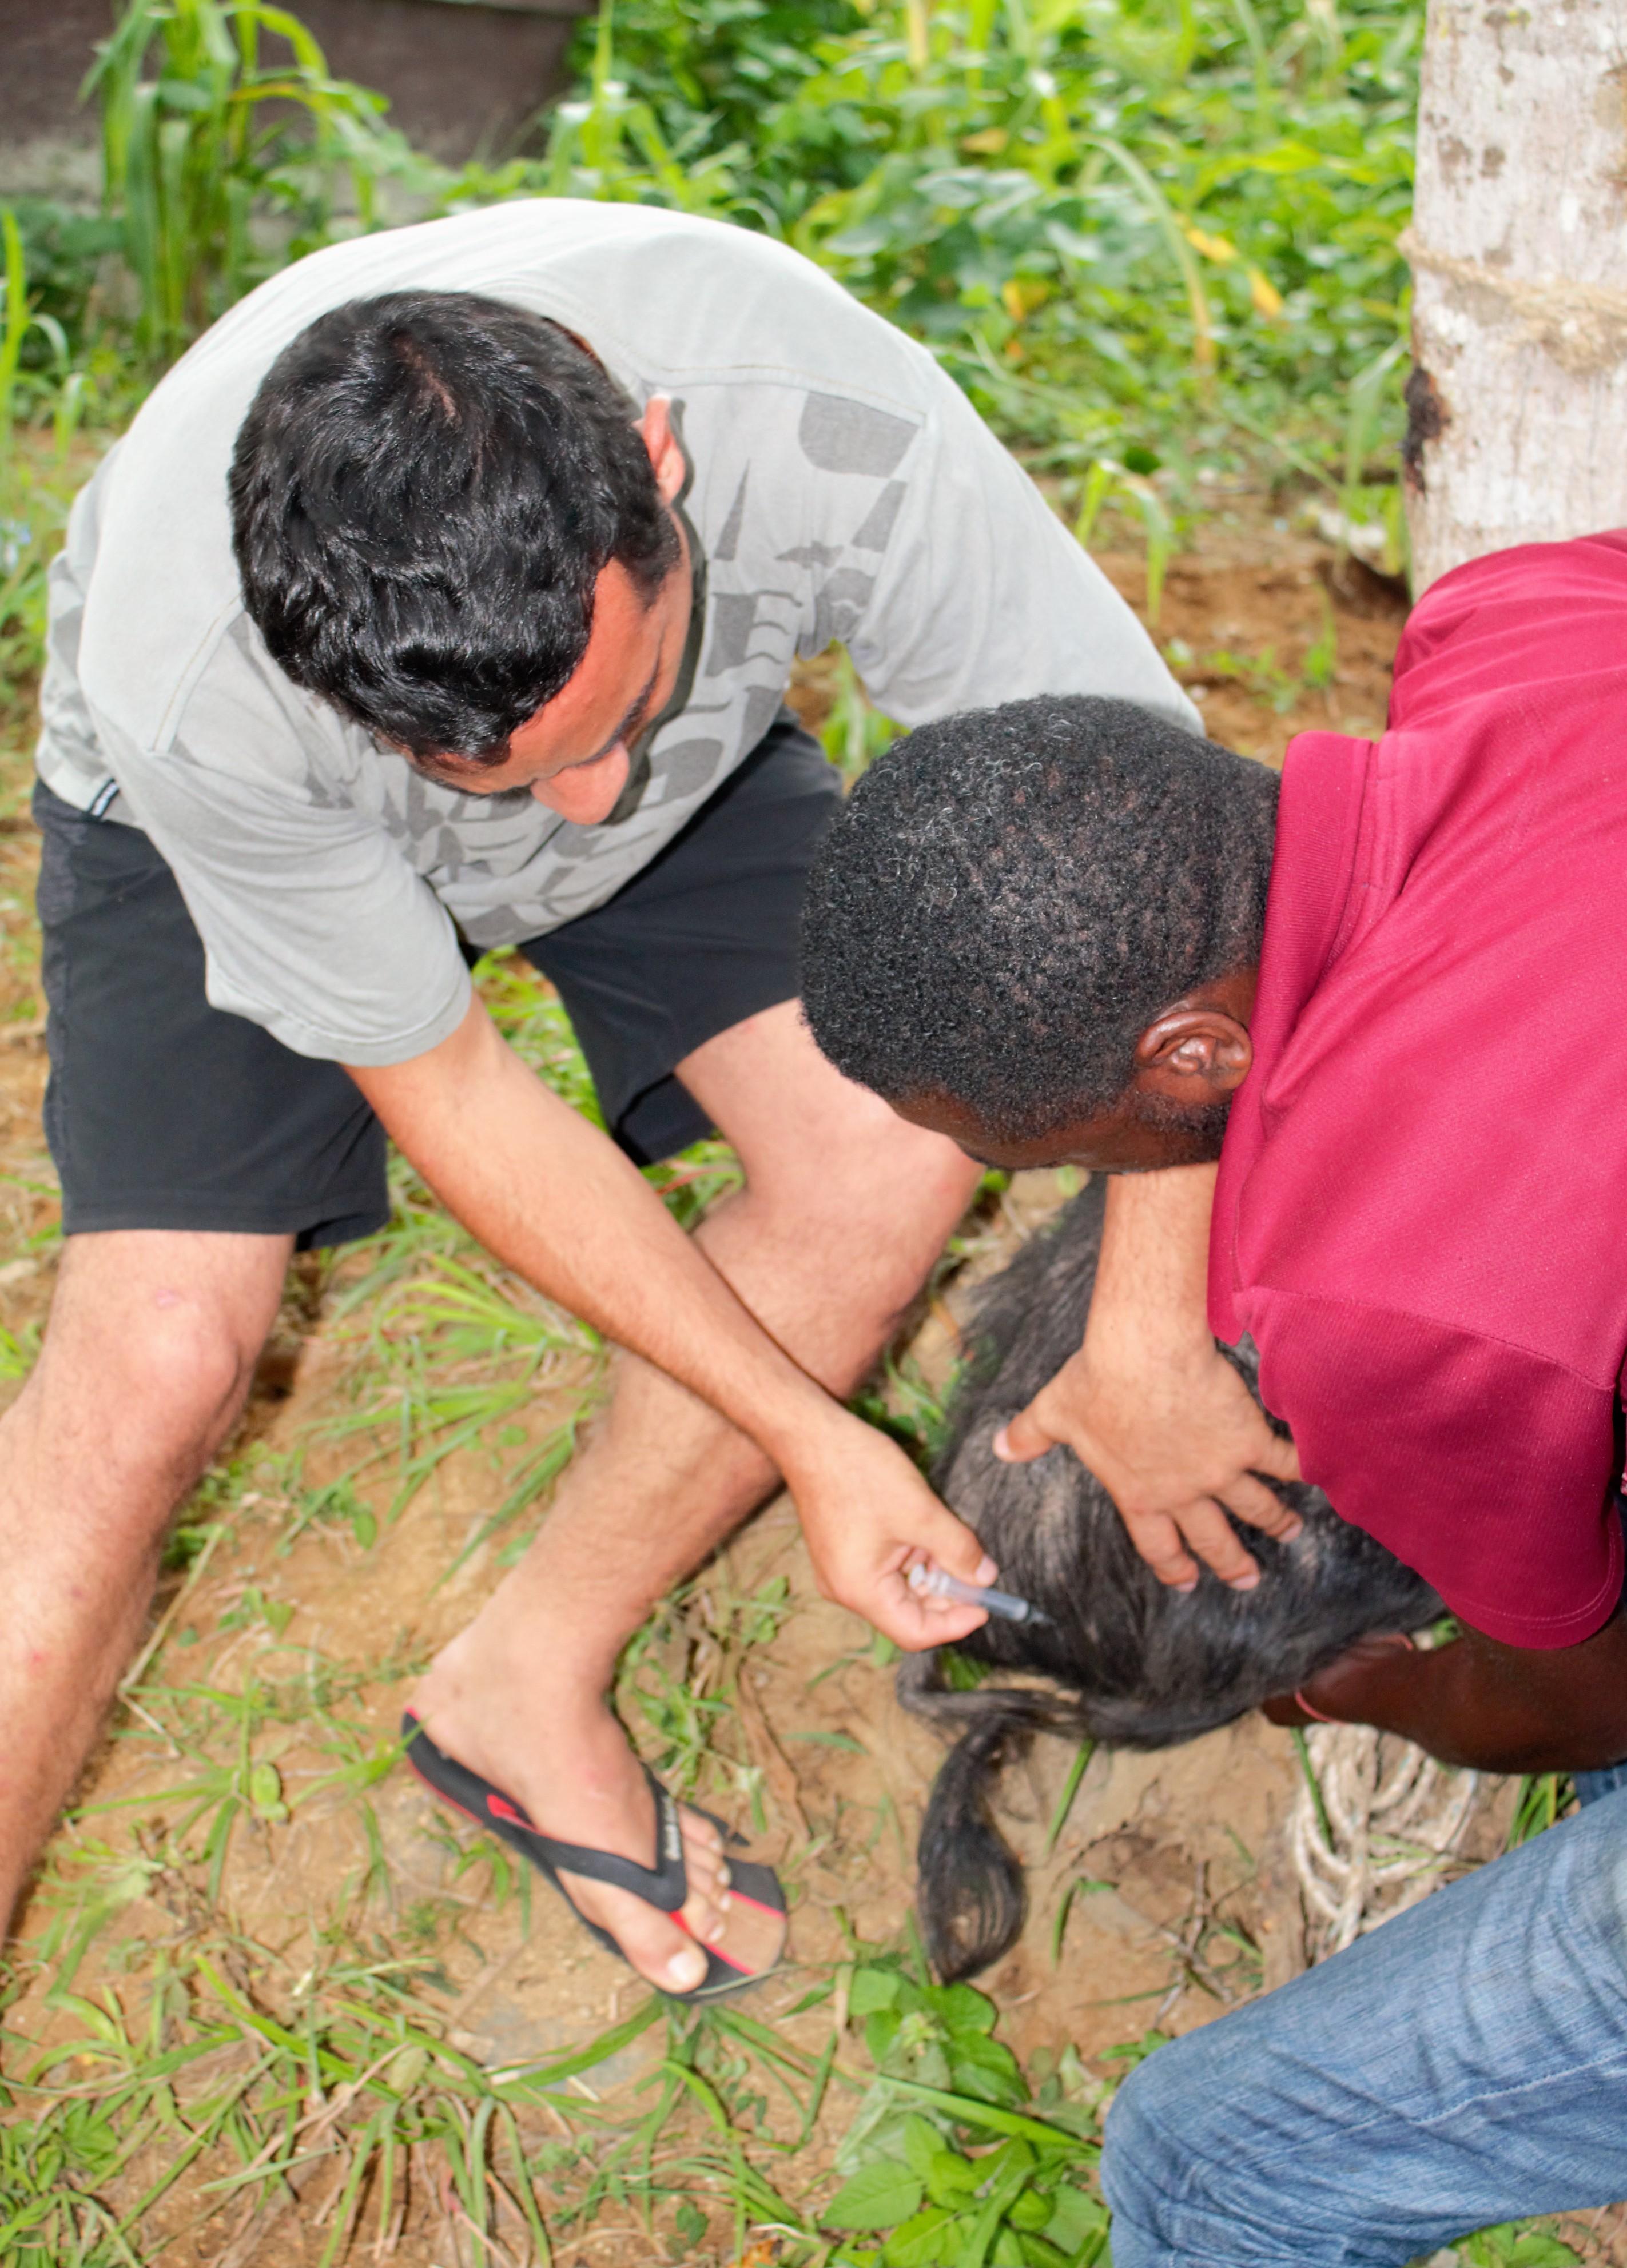 Veterinario de Haití (derecha) enseña a un estudiante de Argentina a vacunar cerdos de una de las dos enfermedades virales que comúnmente devastan la producción animal de agricultores haitianos.